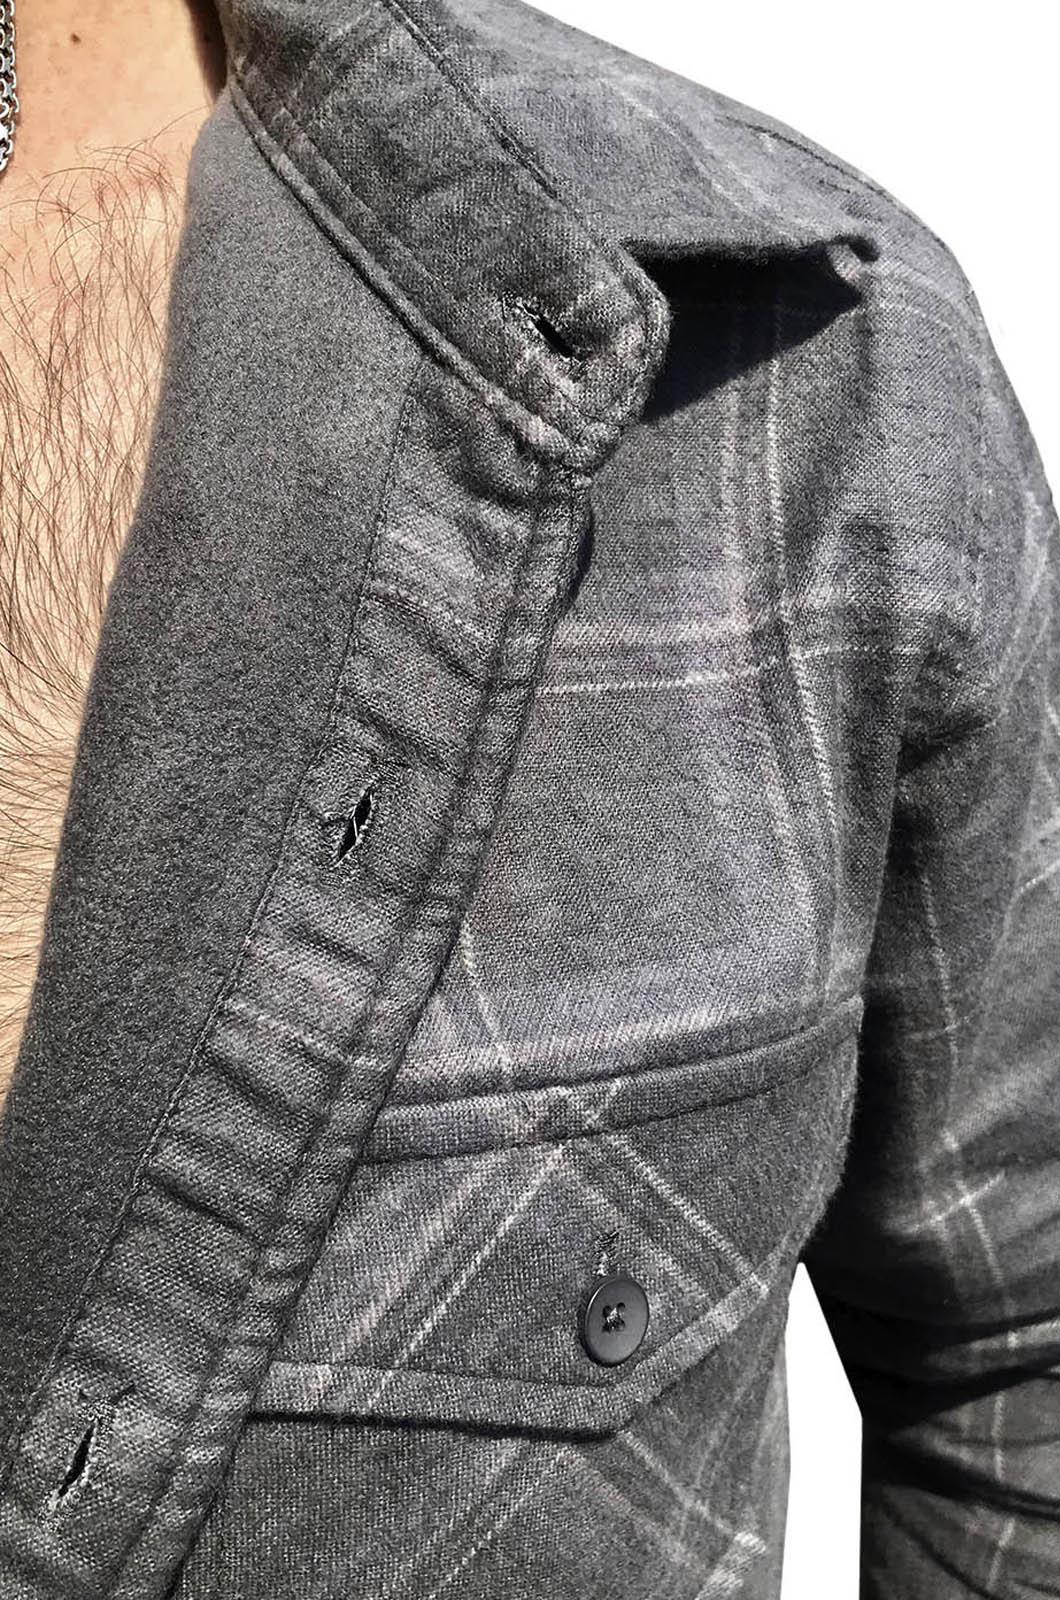 Мужская рубашка с шевроном купить в розницу